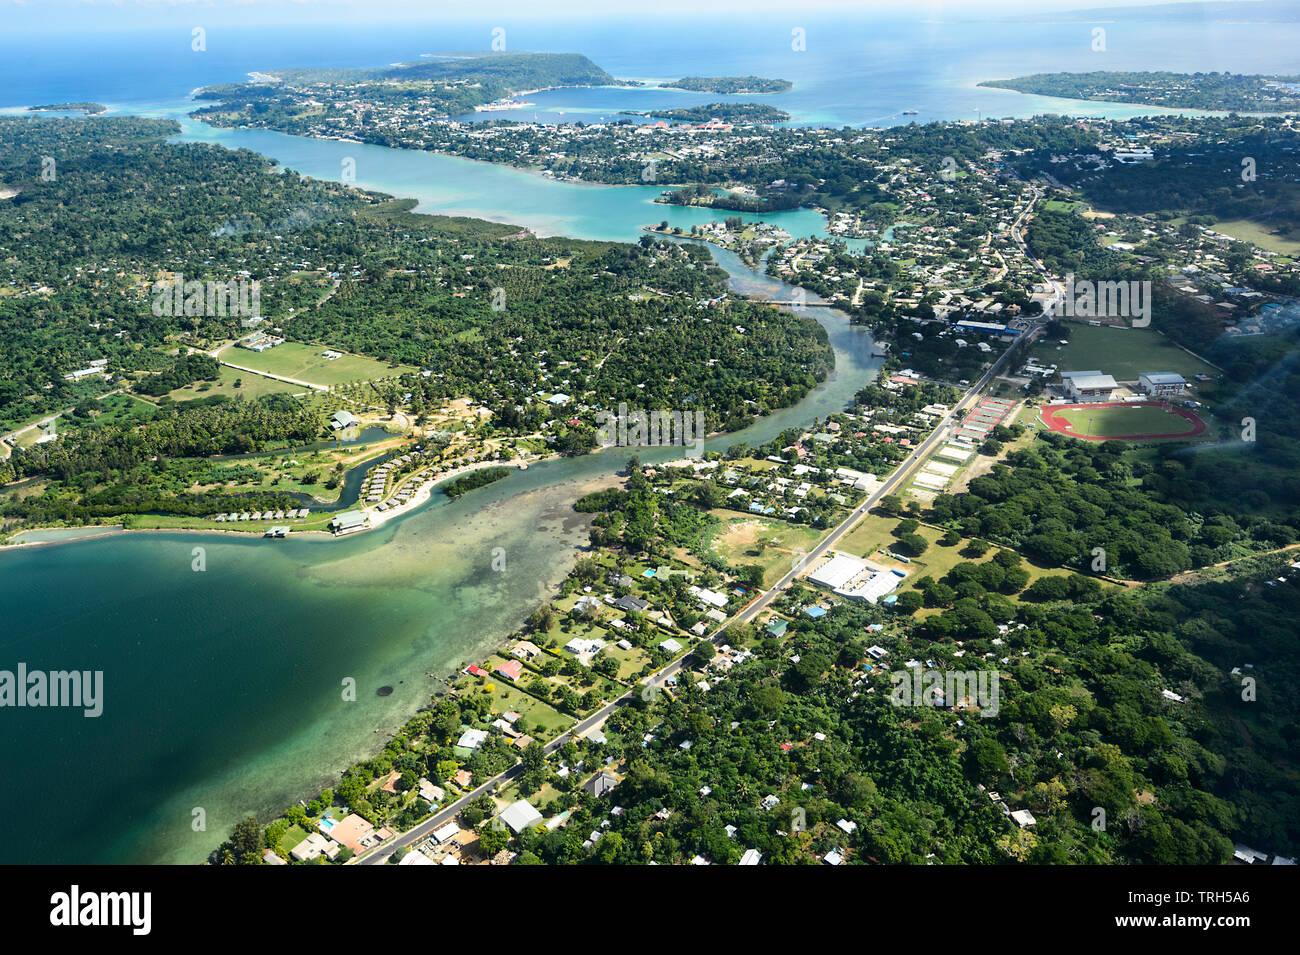 Vista aérea de la isla de Efate, Port Vila, Vanuatu Foto de stock